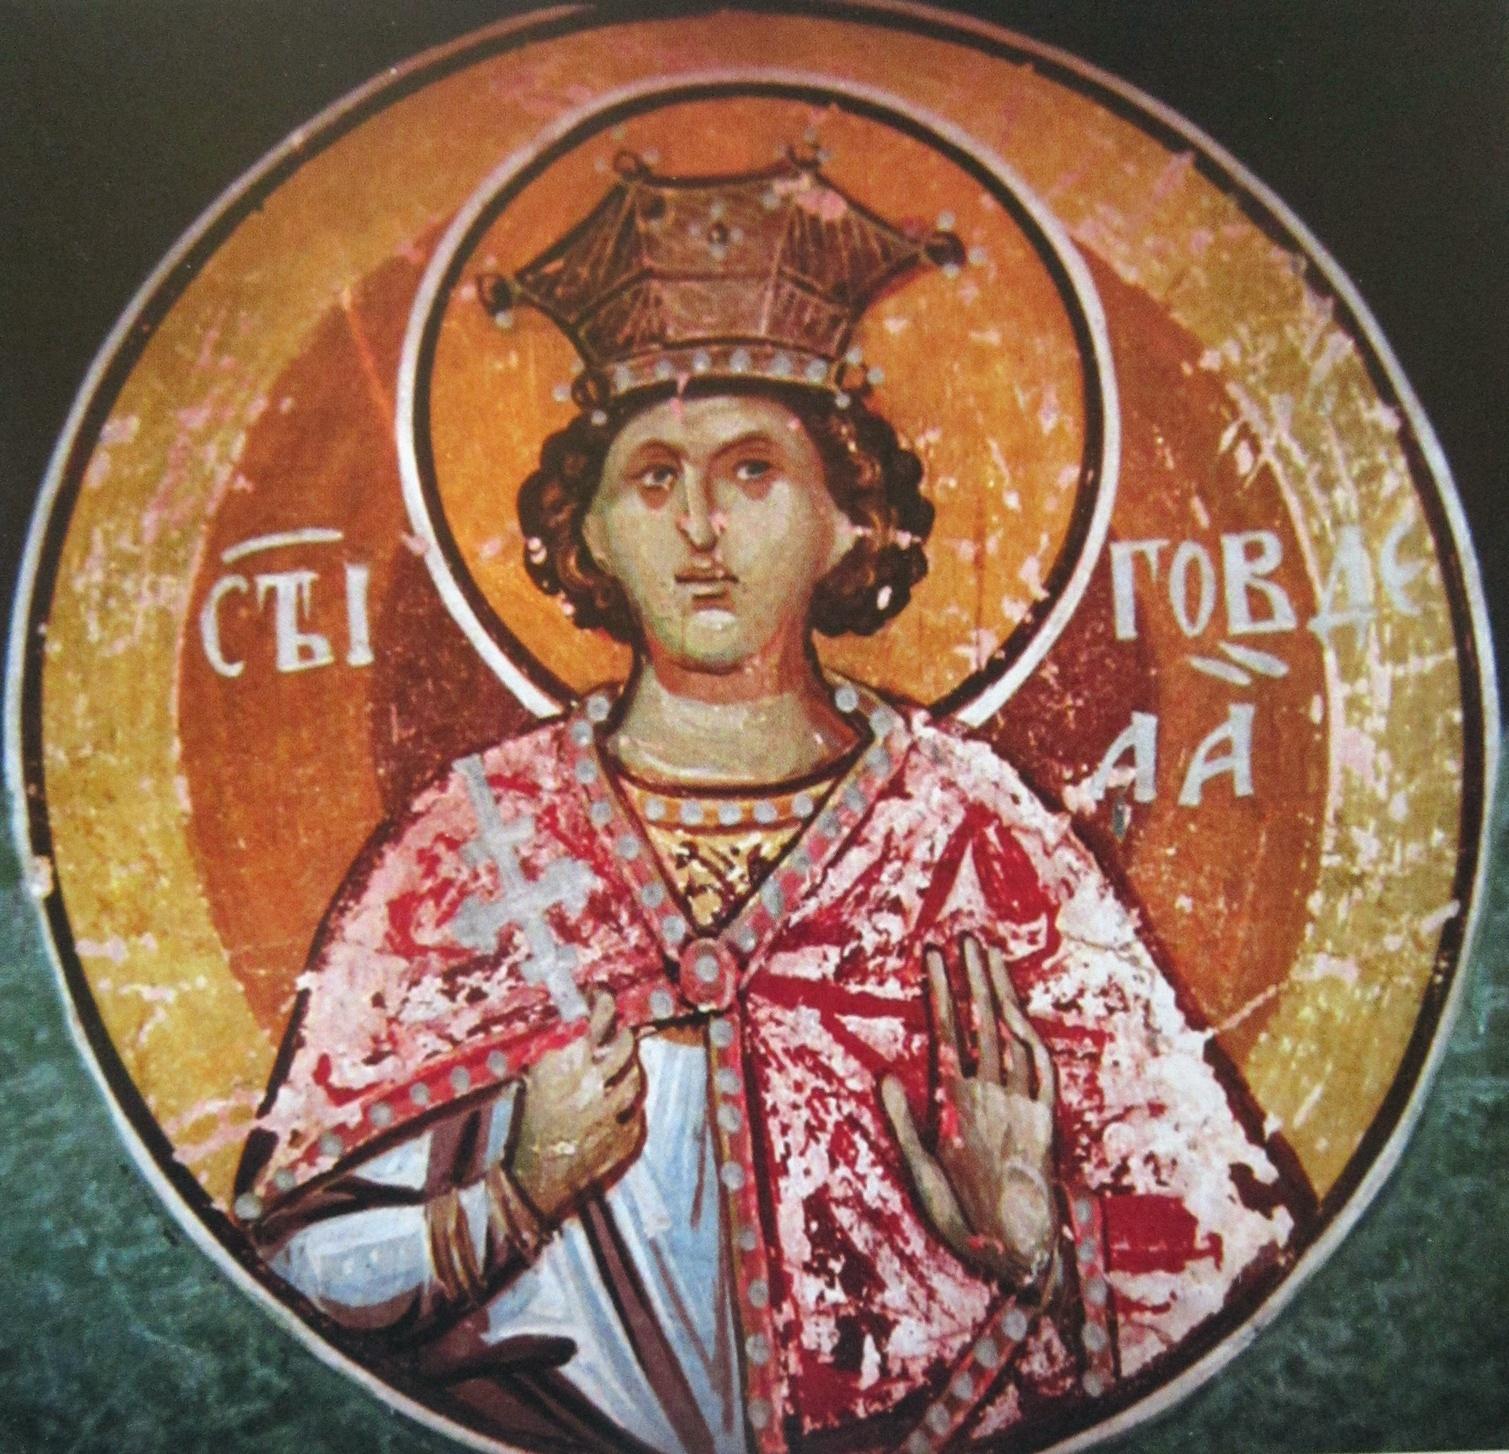 Святой мученик Гаведдай. Фреска монастыря Св. Иоанна Богослова в Поганово, Сербия. Конец XV века.